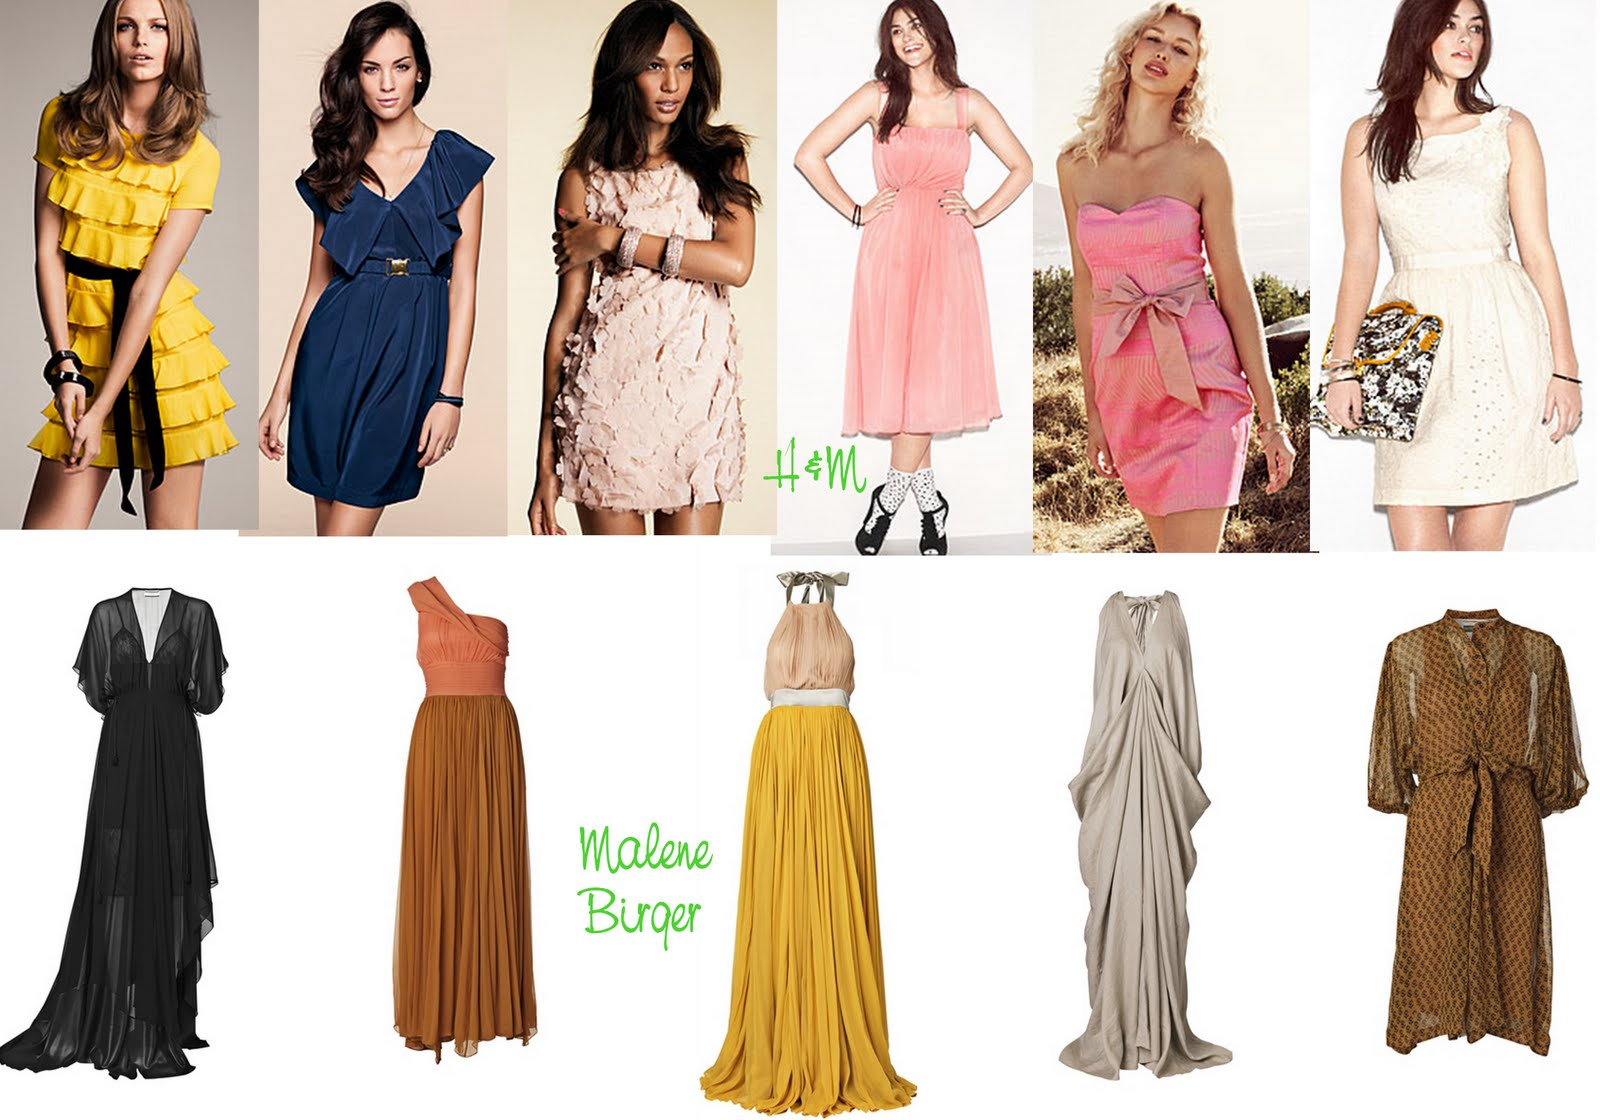 5af2e94078d1 Anonym eftersökte tips till outfits som bröllopsgäst. Klart jag kan kolla  efter det, klänningar gillar ju jag! Just nu finns det ju så många fina  klänningar ...